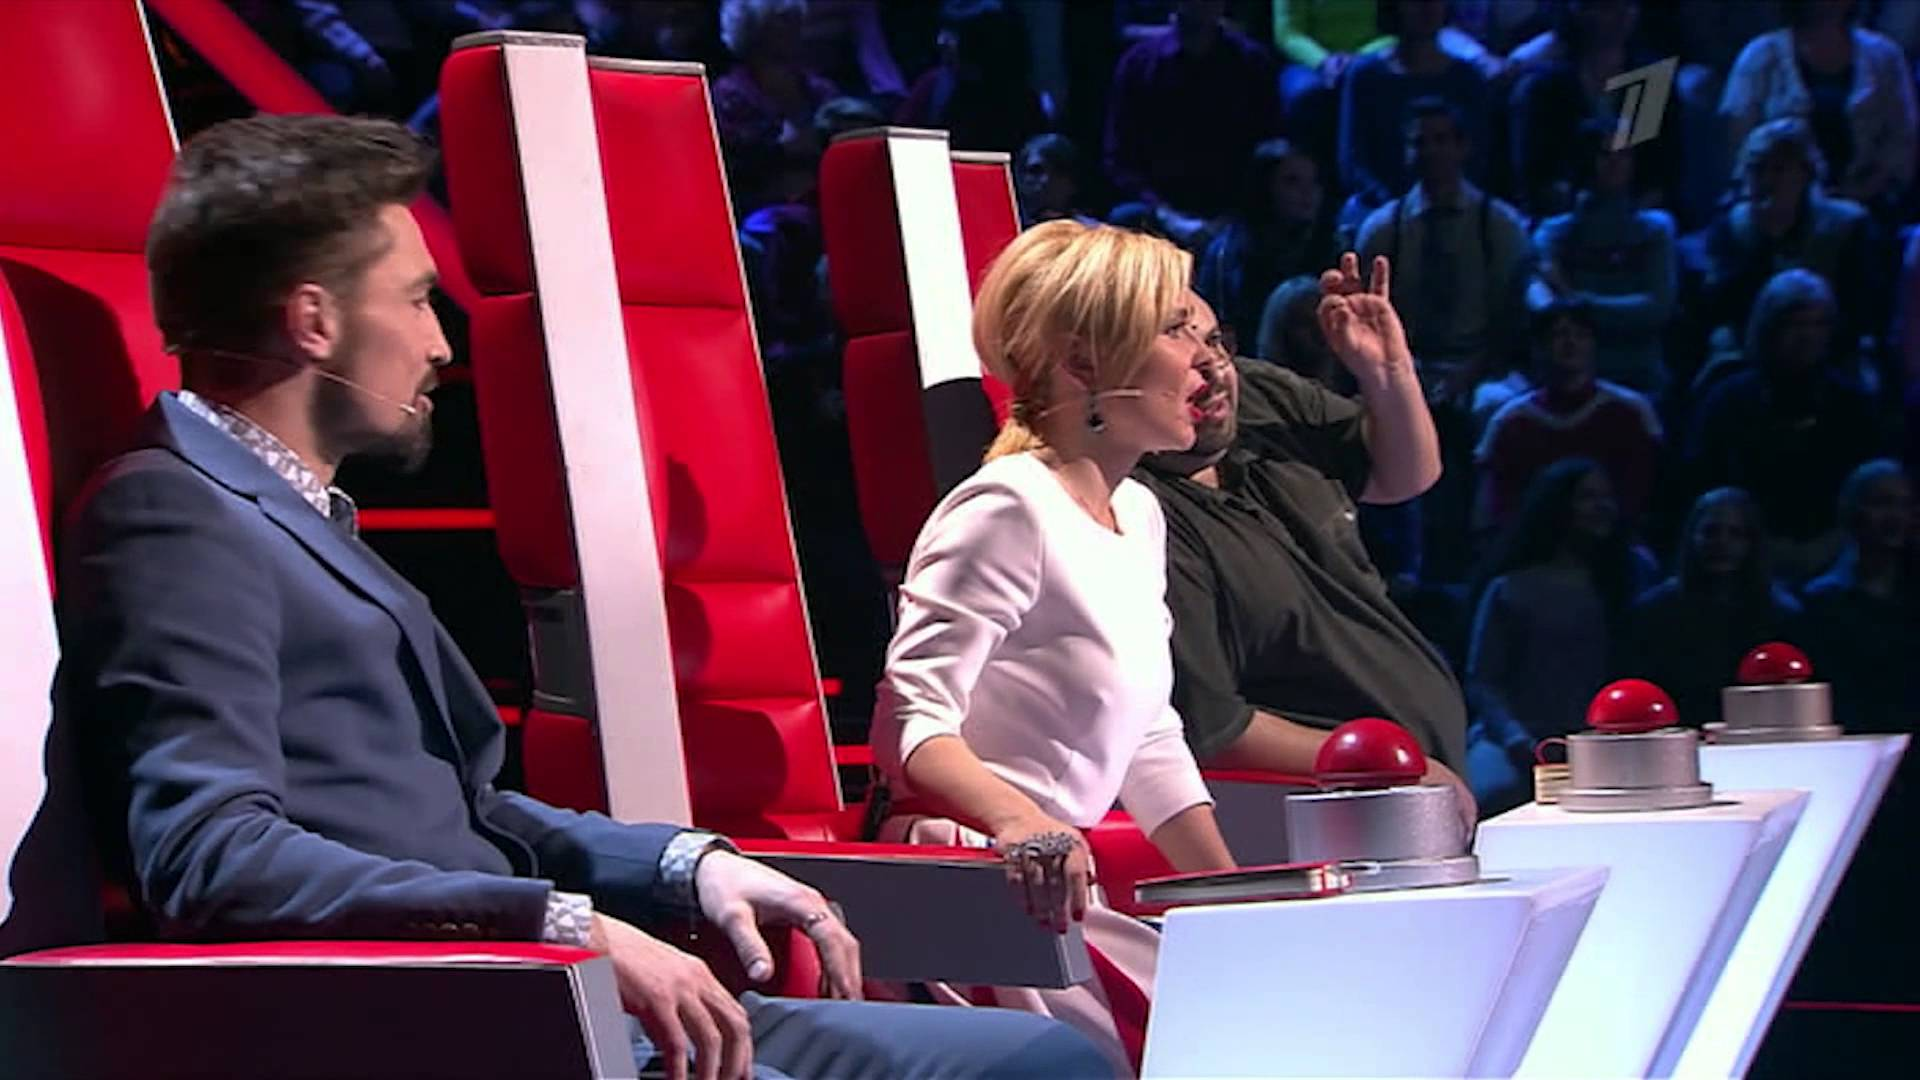 Круче Витаса!!! Все судьи без раздумий нажали кнопки!